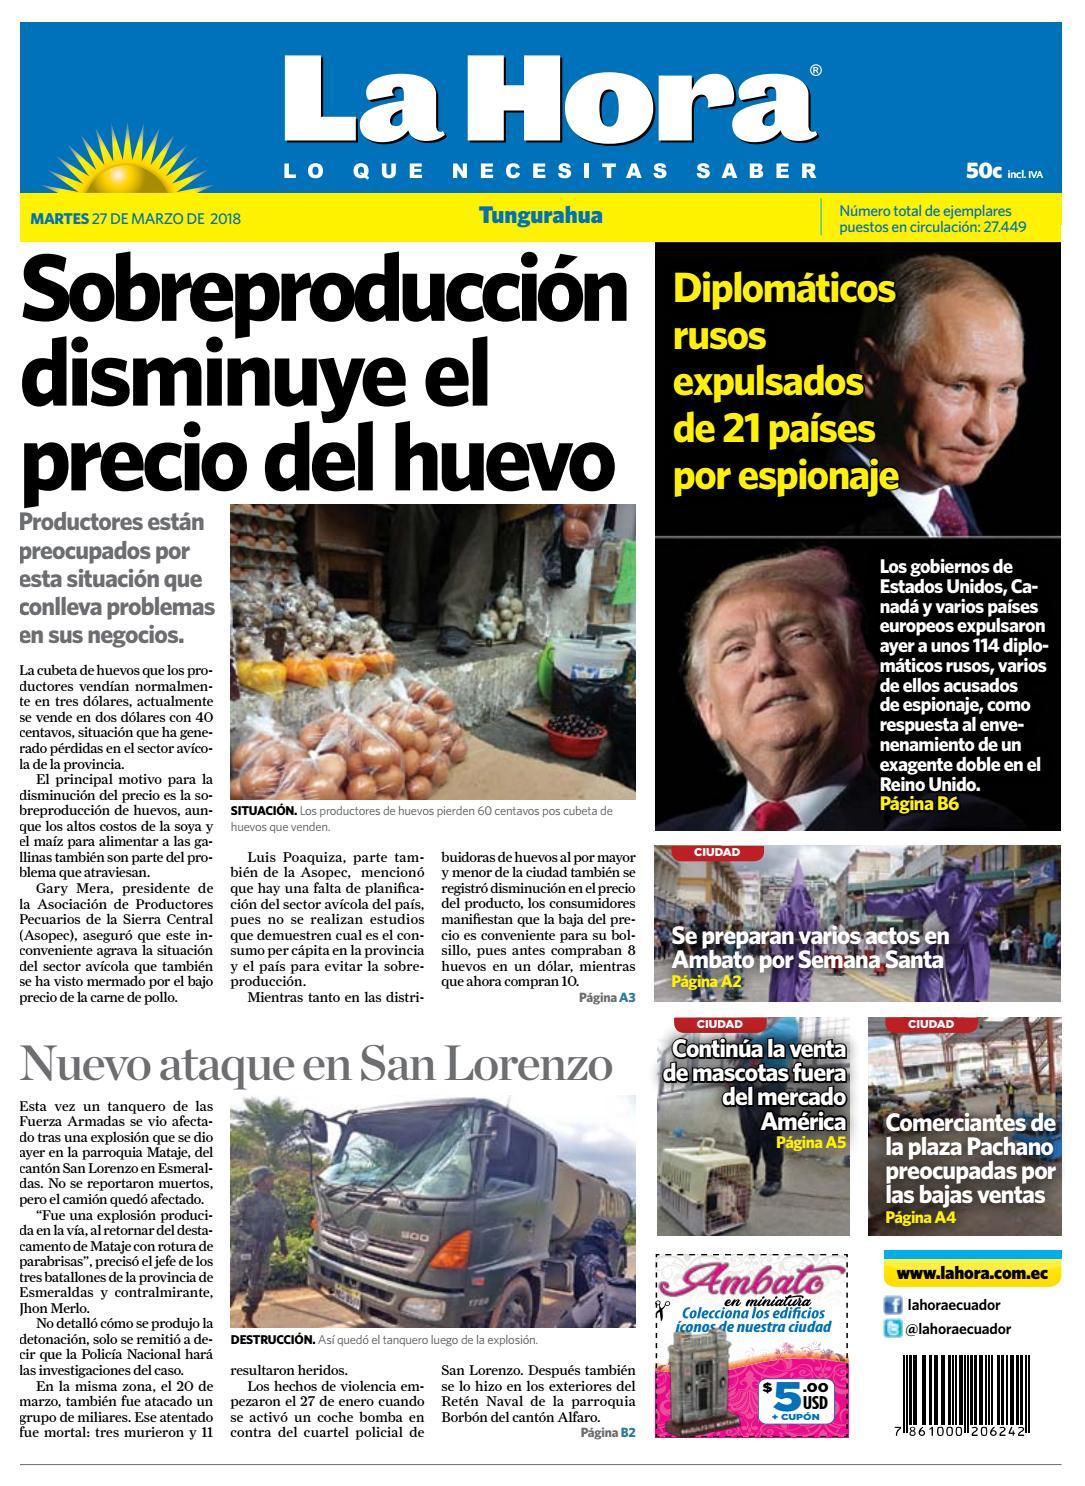 Actriz Porno Daniela Morochola tungurahua 27 de marzo de 2018la hora ecuador - issuu